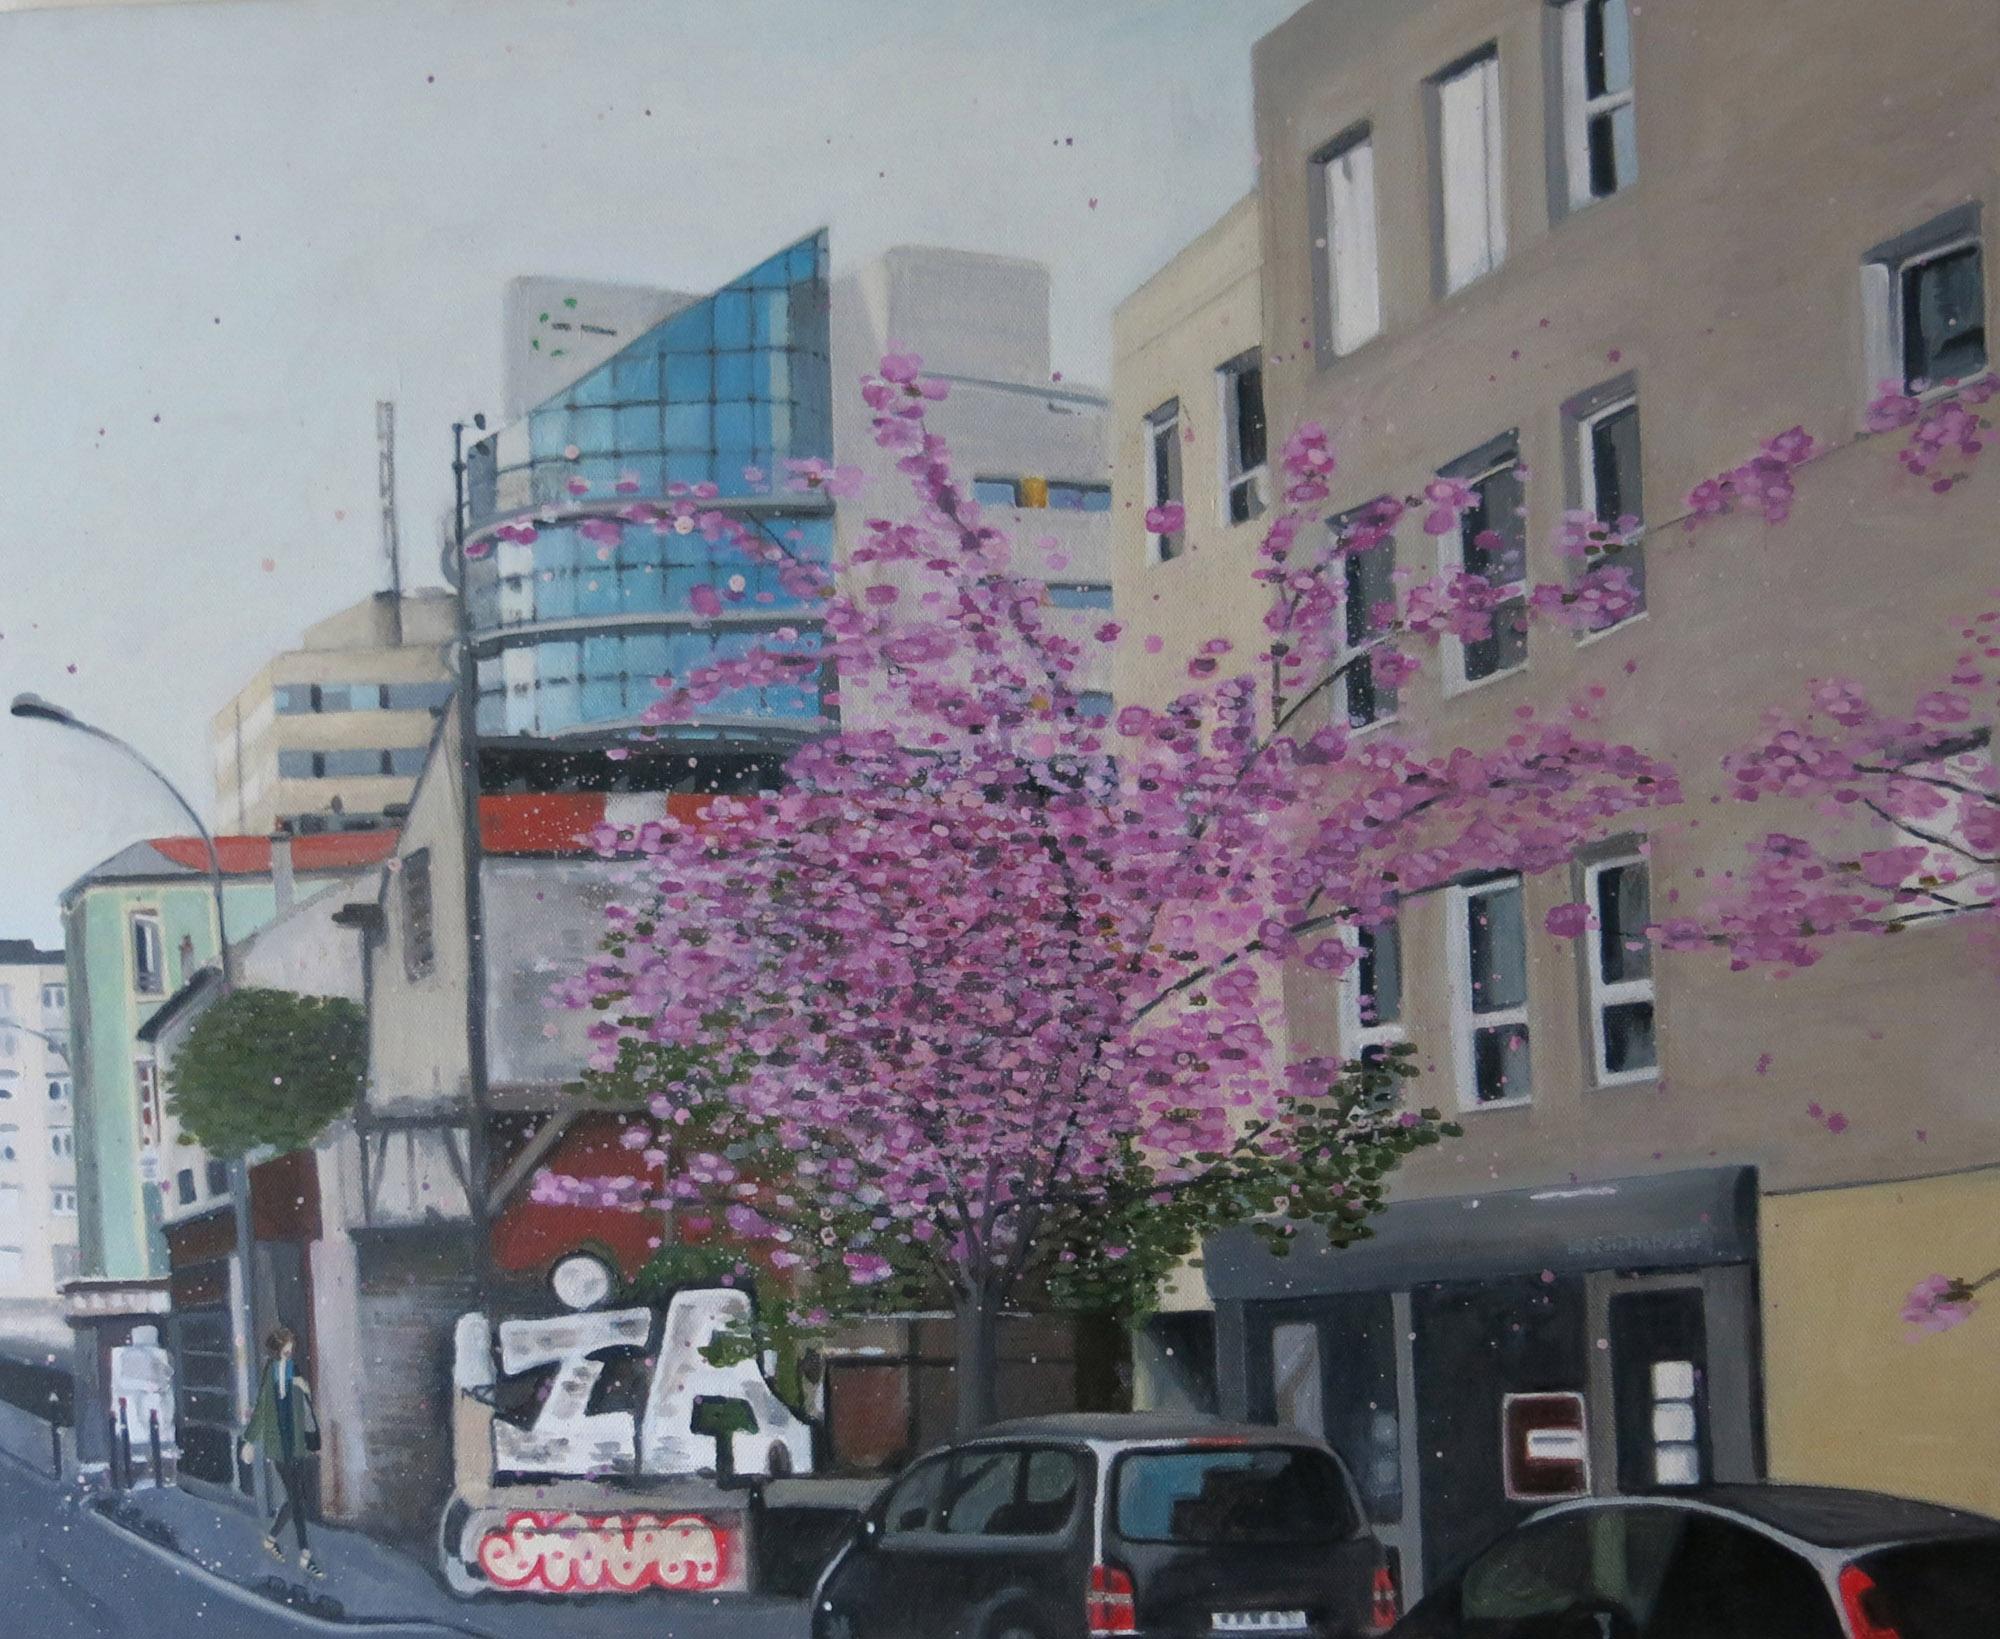 Montreuil / Huile sur toile / 2014 / 60 x 50 cm